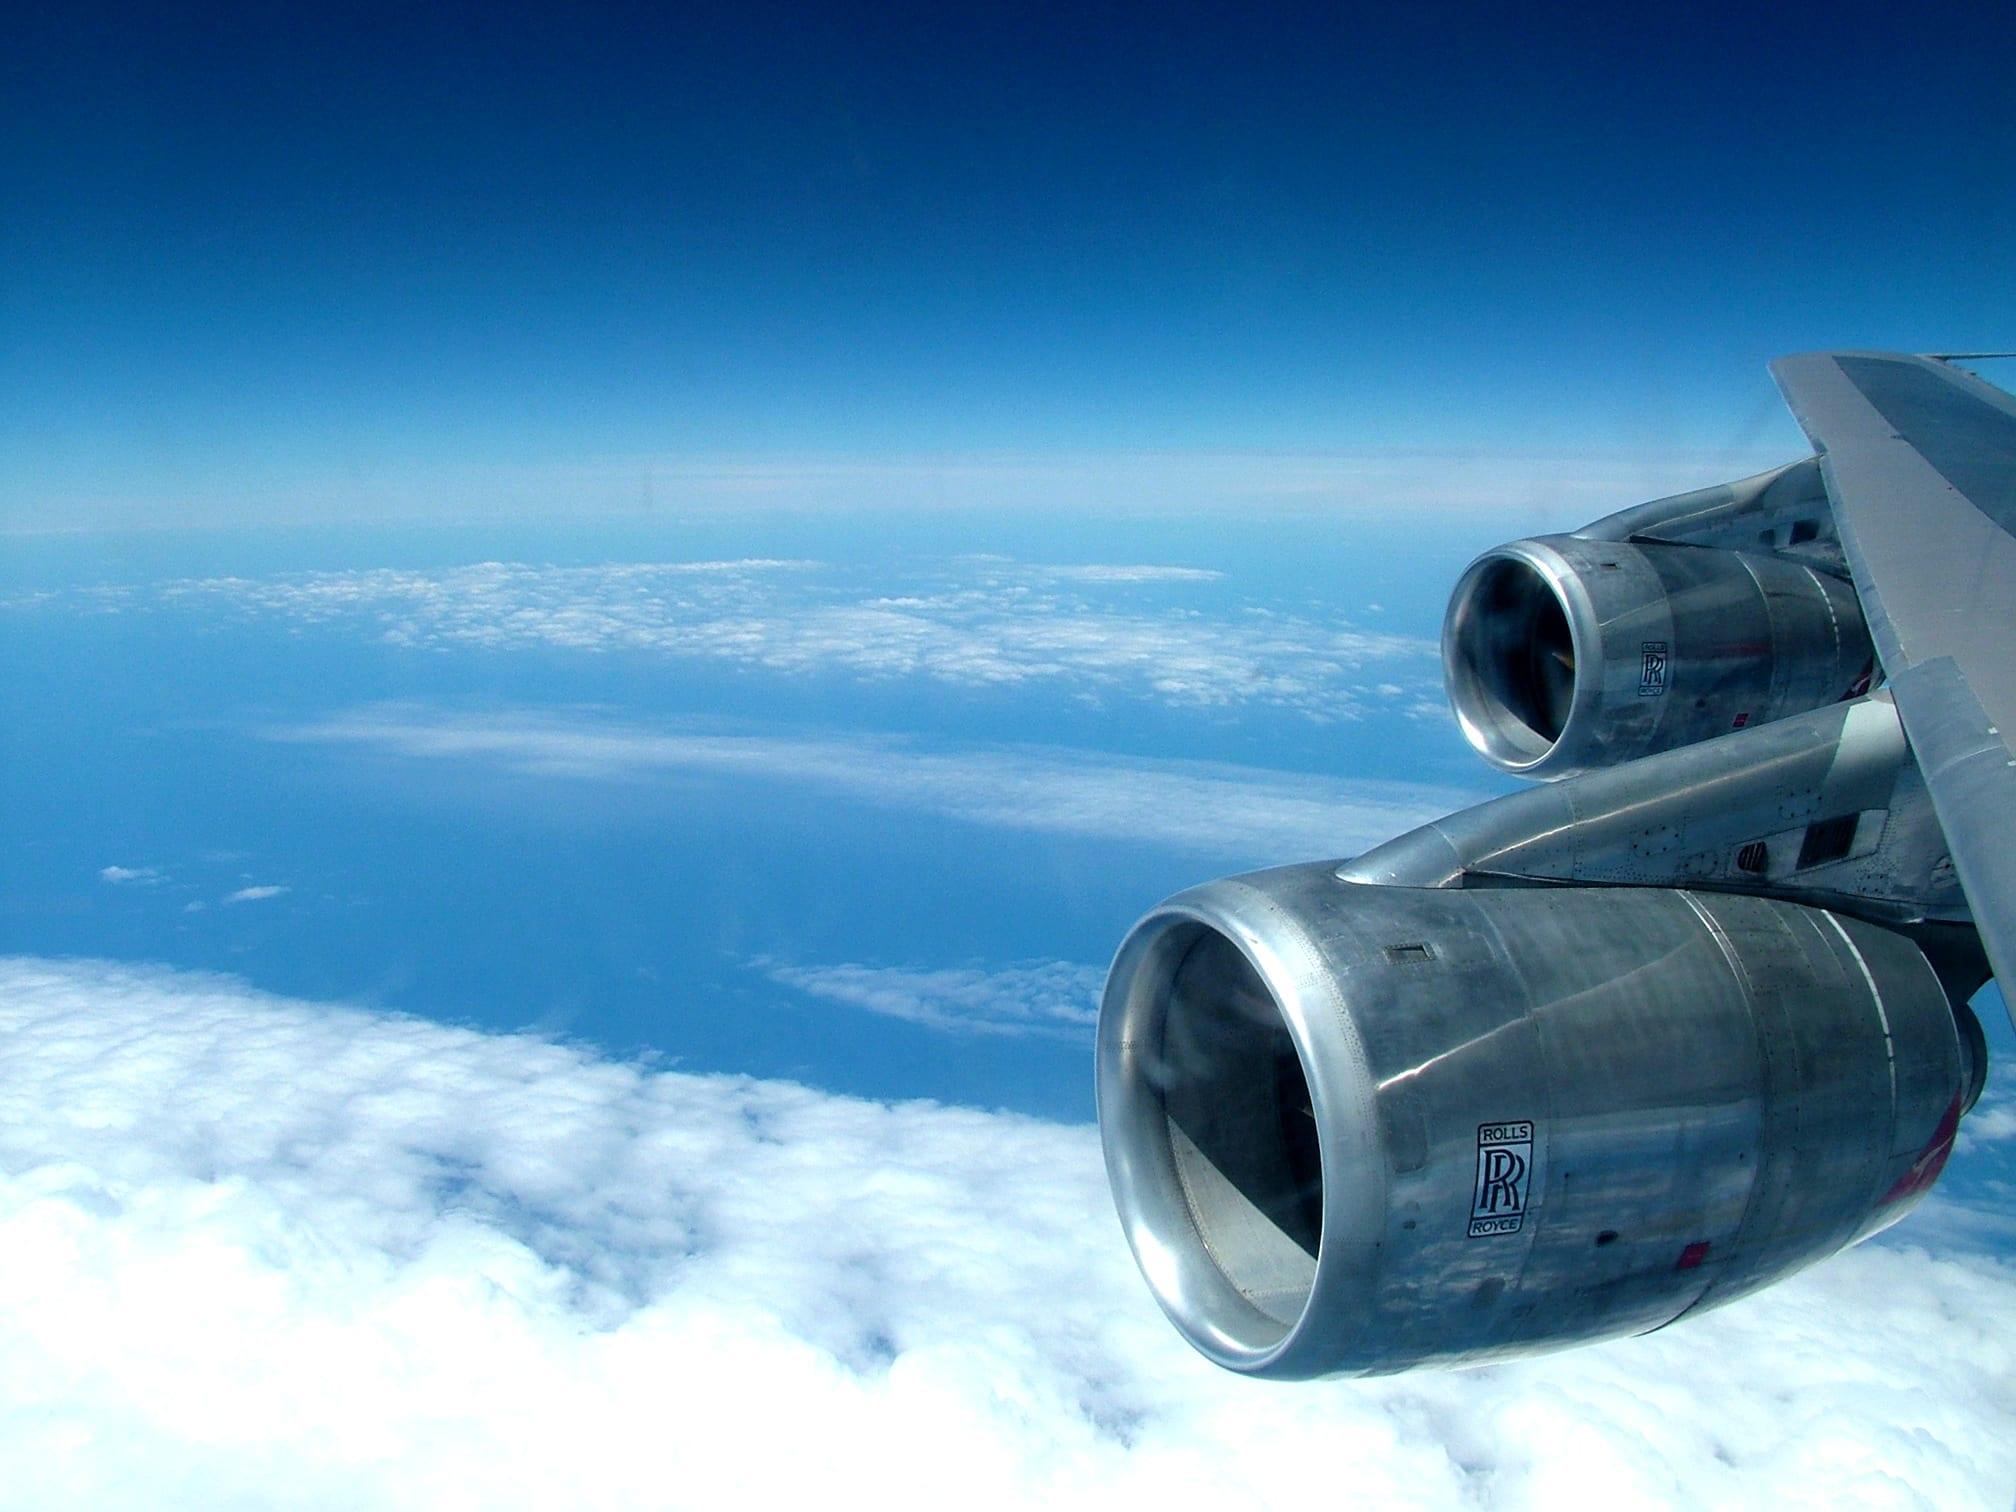 avion-ciel-voyager